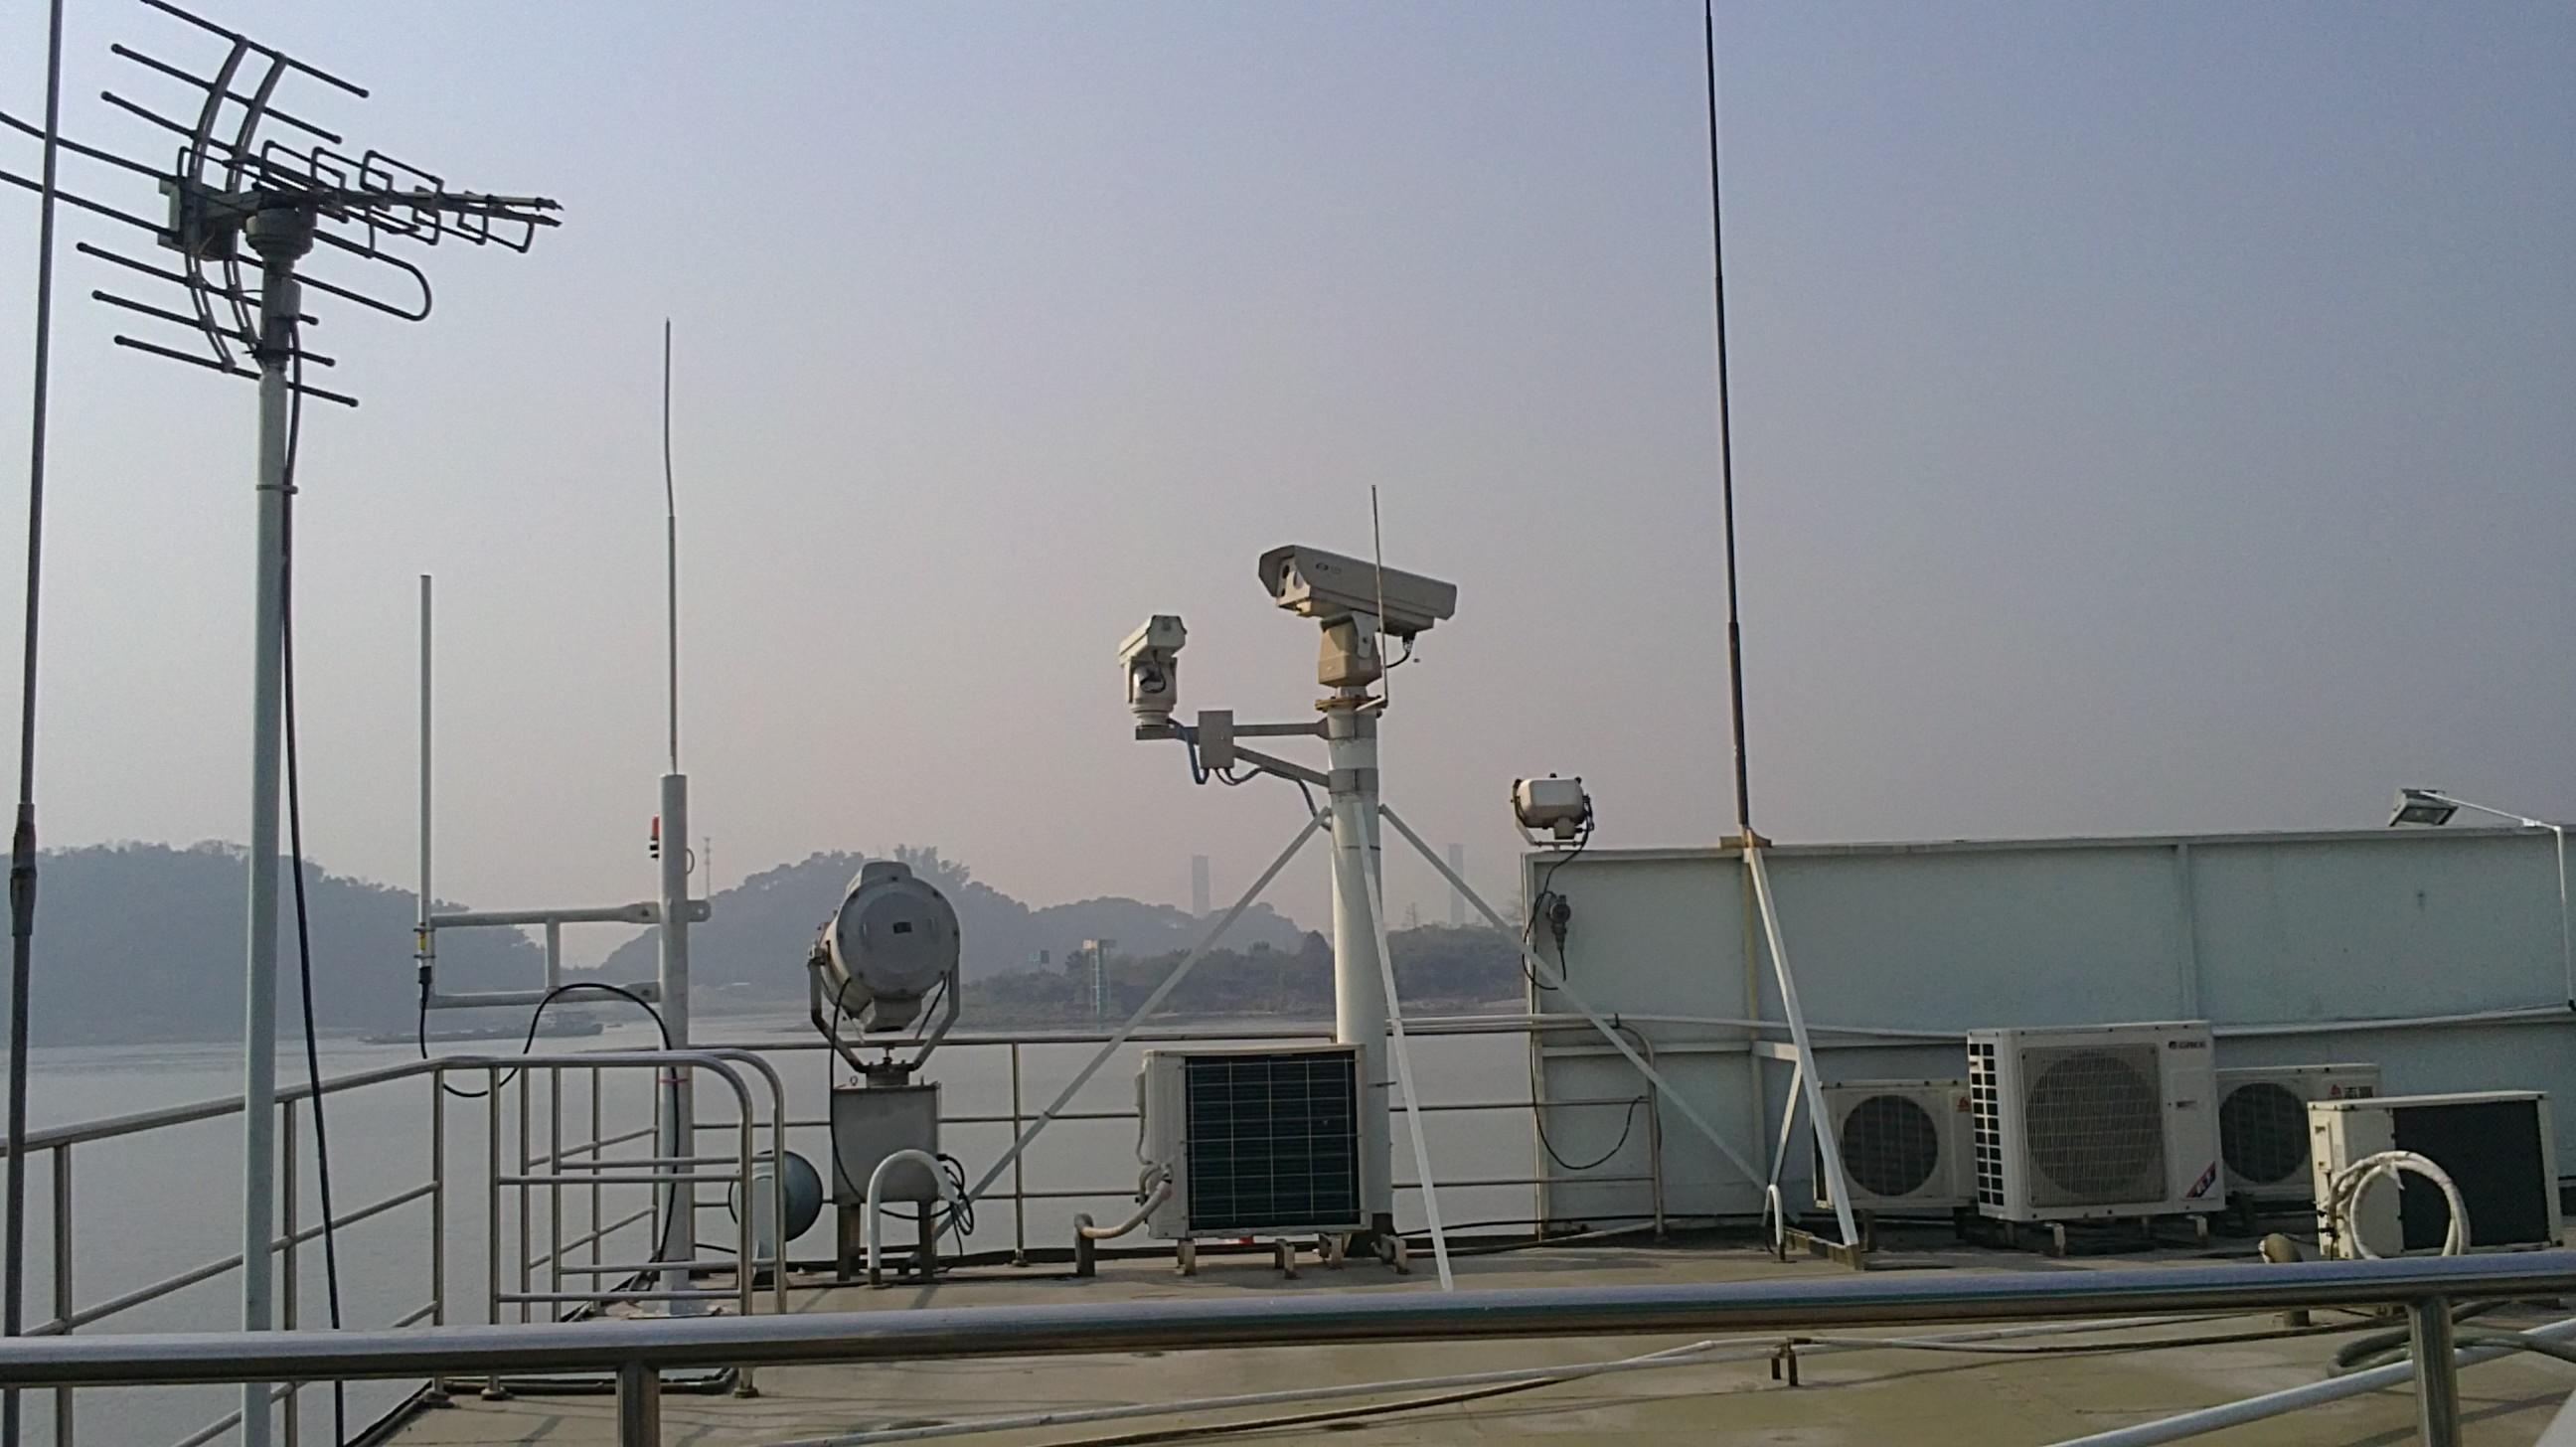 YAMAKO长焦透雾镜头助力航道河道监控系统解决方案